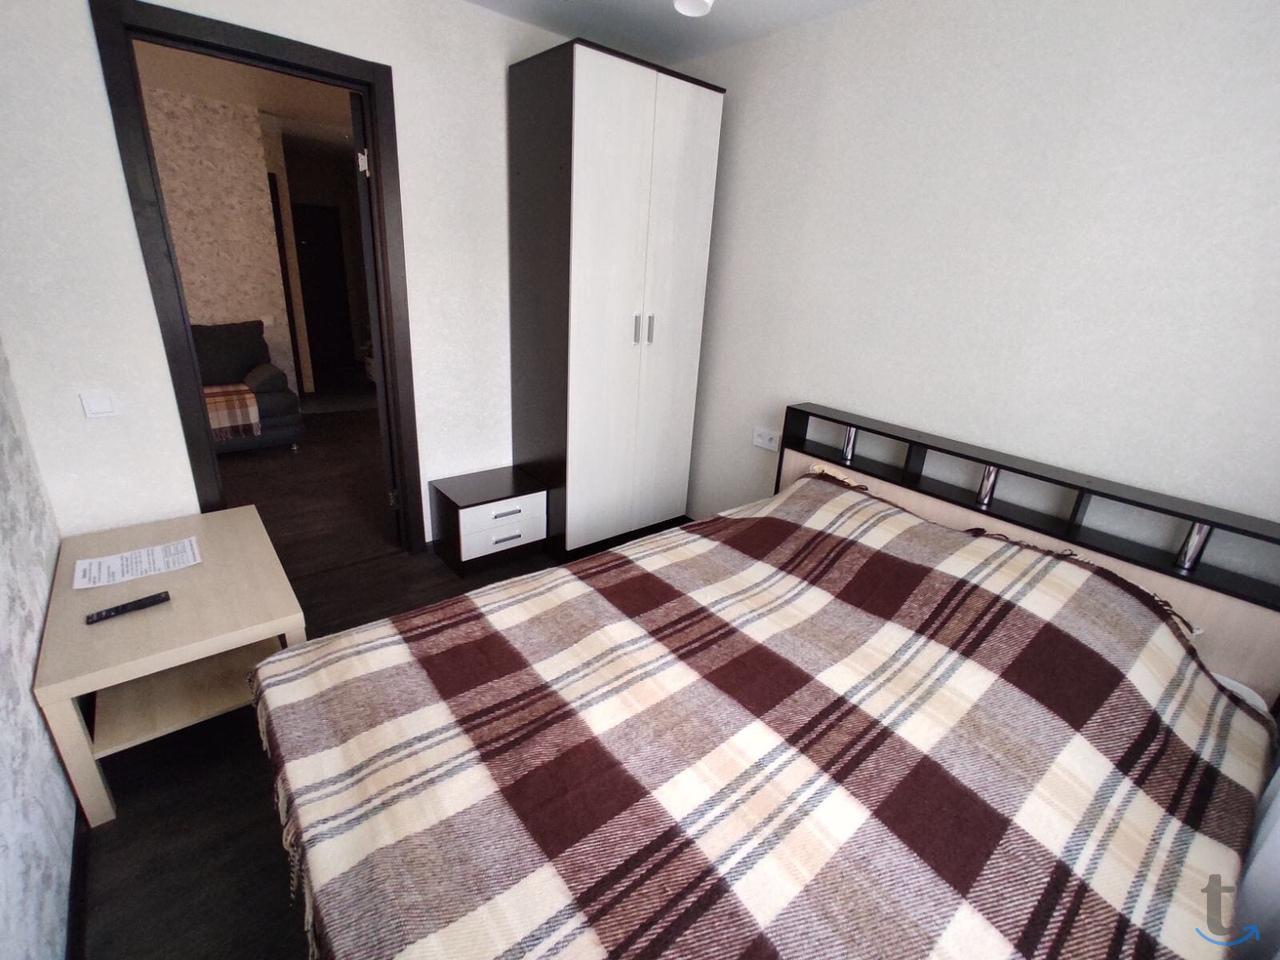 3-к квартира 52 м² на 1 этаже 5-...